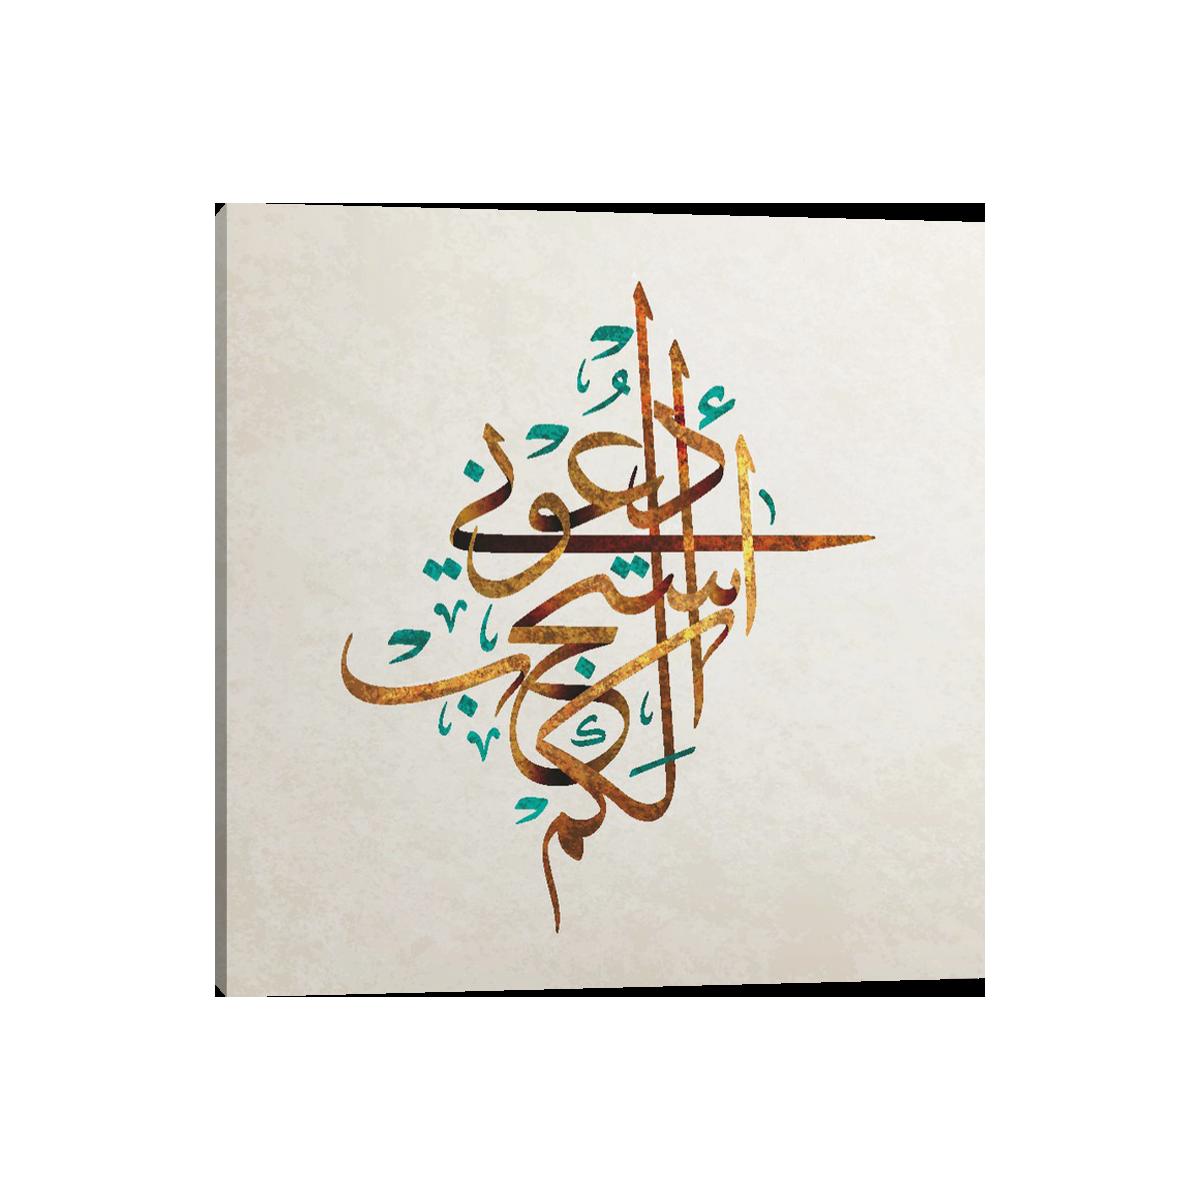 """لوحات جدارية - """"أدعوني استجب لكم """" - لوحات جدارية - لوحات فنية مميزة - لوحة جدارية اسلامية بطابع عربي يعود إلى الحقبة الفنية الإسلامية بالألوان الجذابة التي تعطي طاقة وجمال يتناسب مع جميع أثاثكم"""